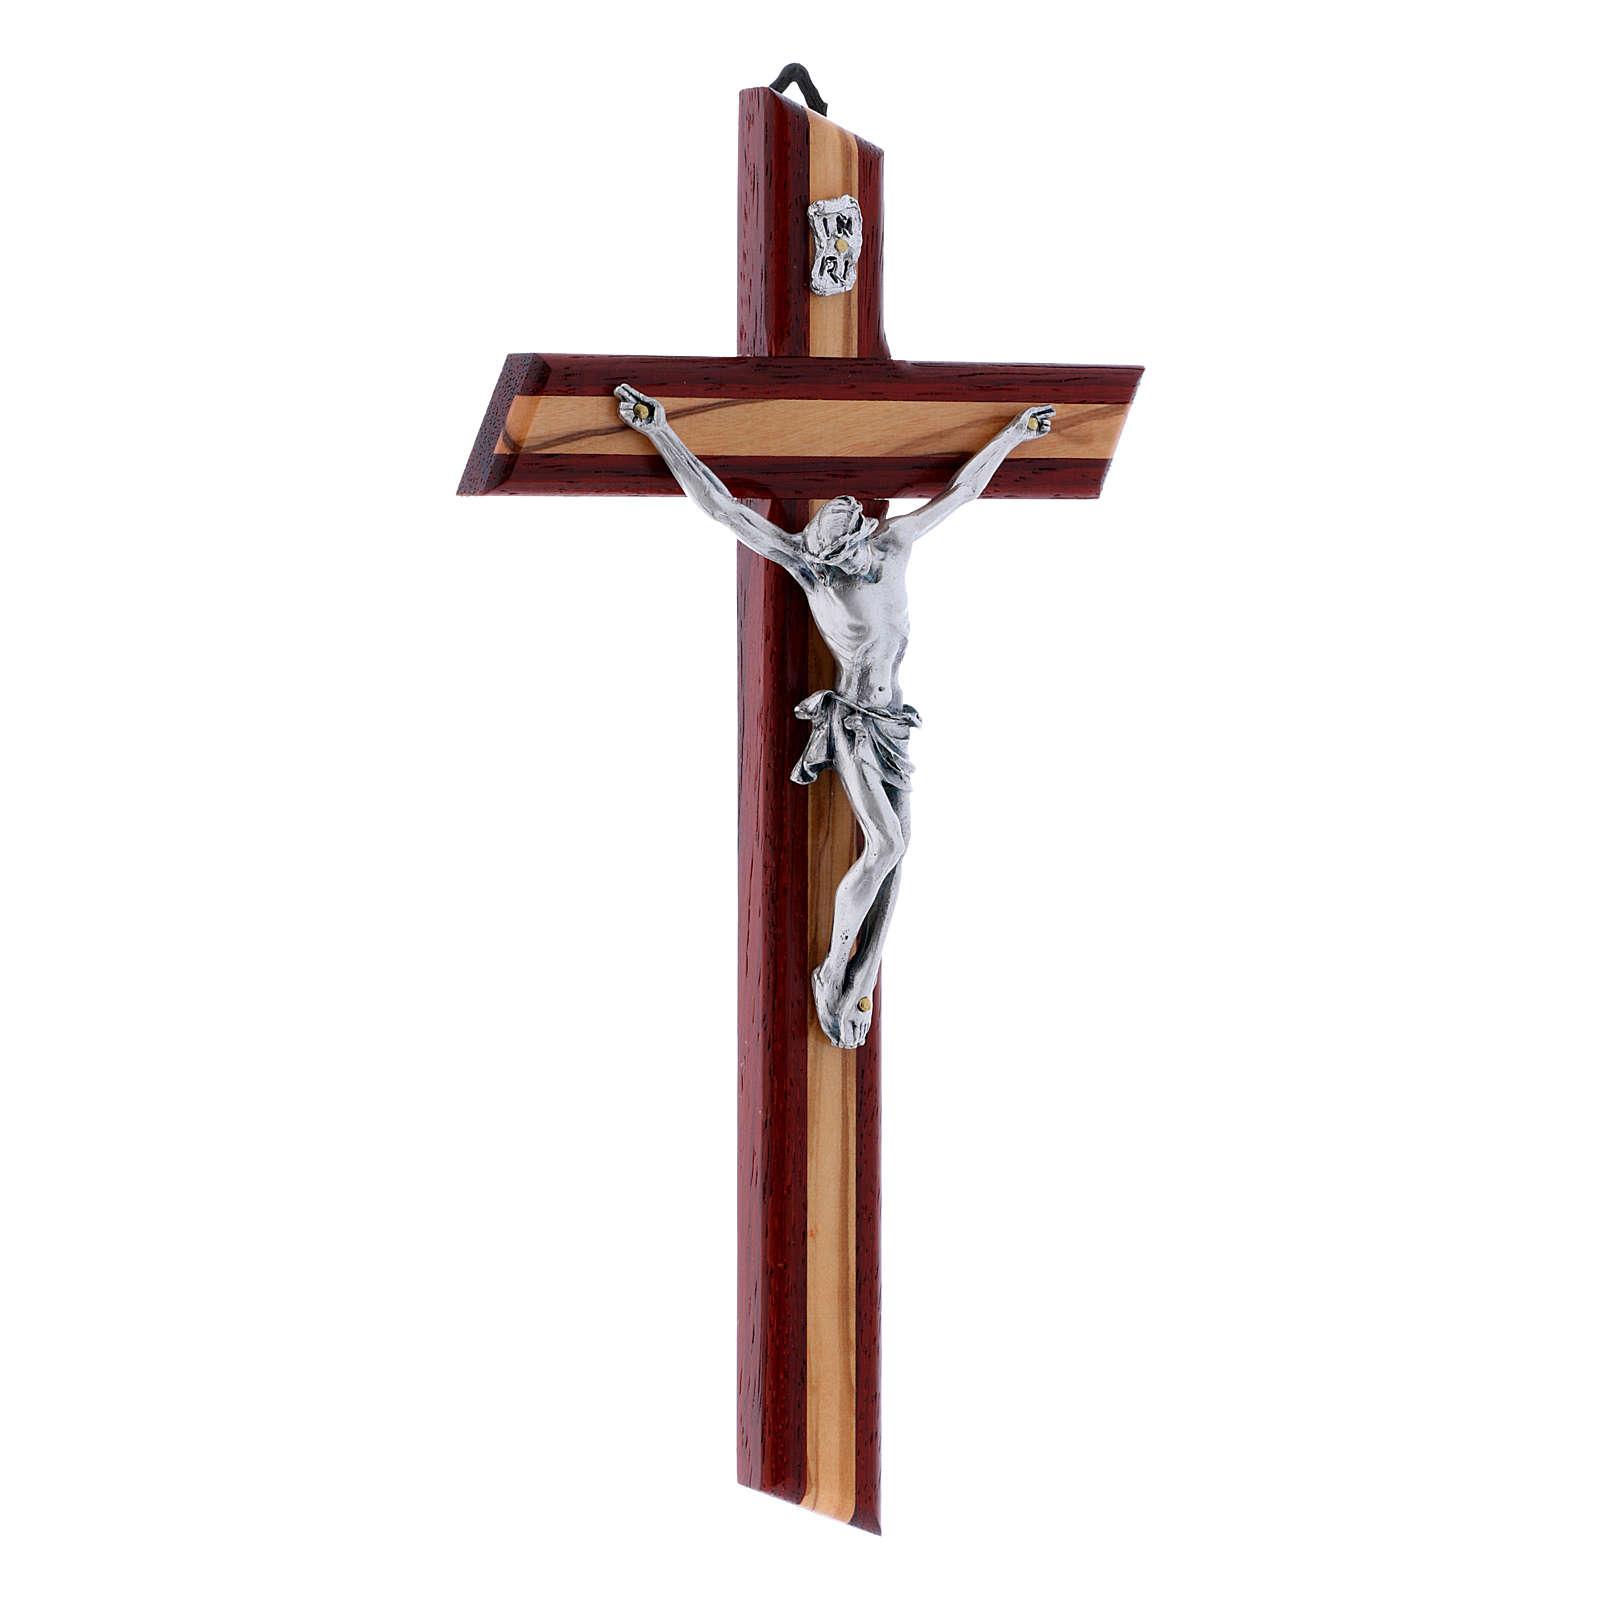 Crocifisso moderno con corpo metallico padouk in legno di olivo 25 cm 4